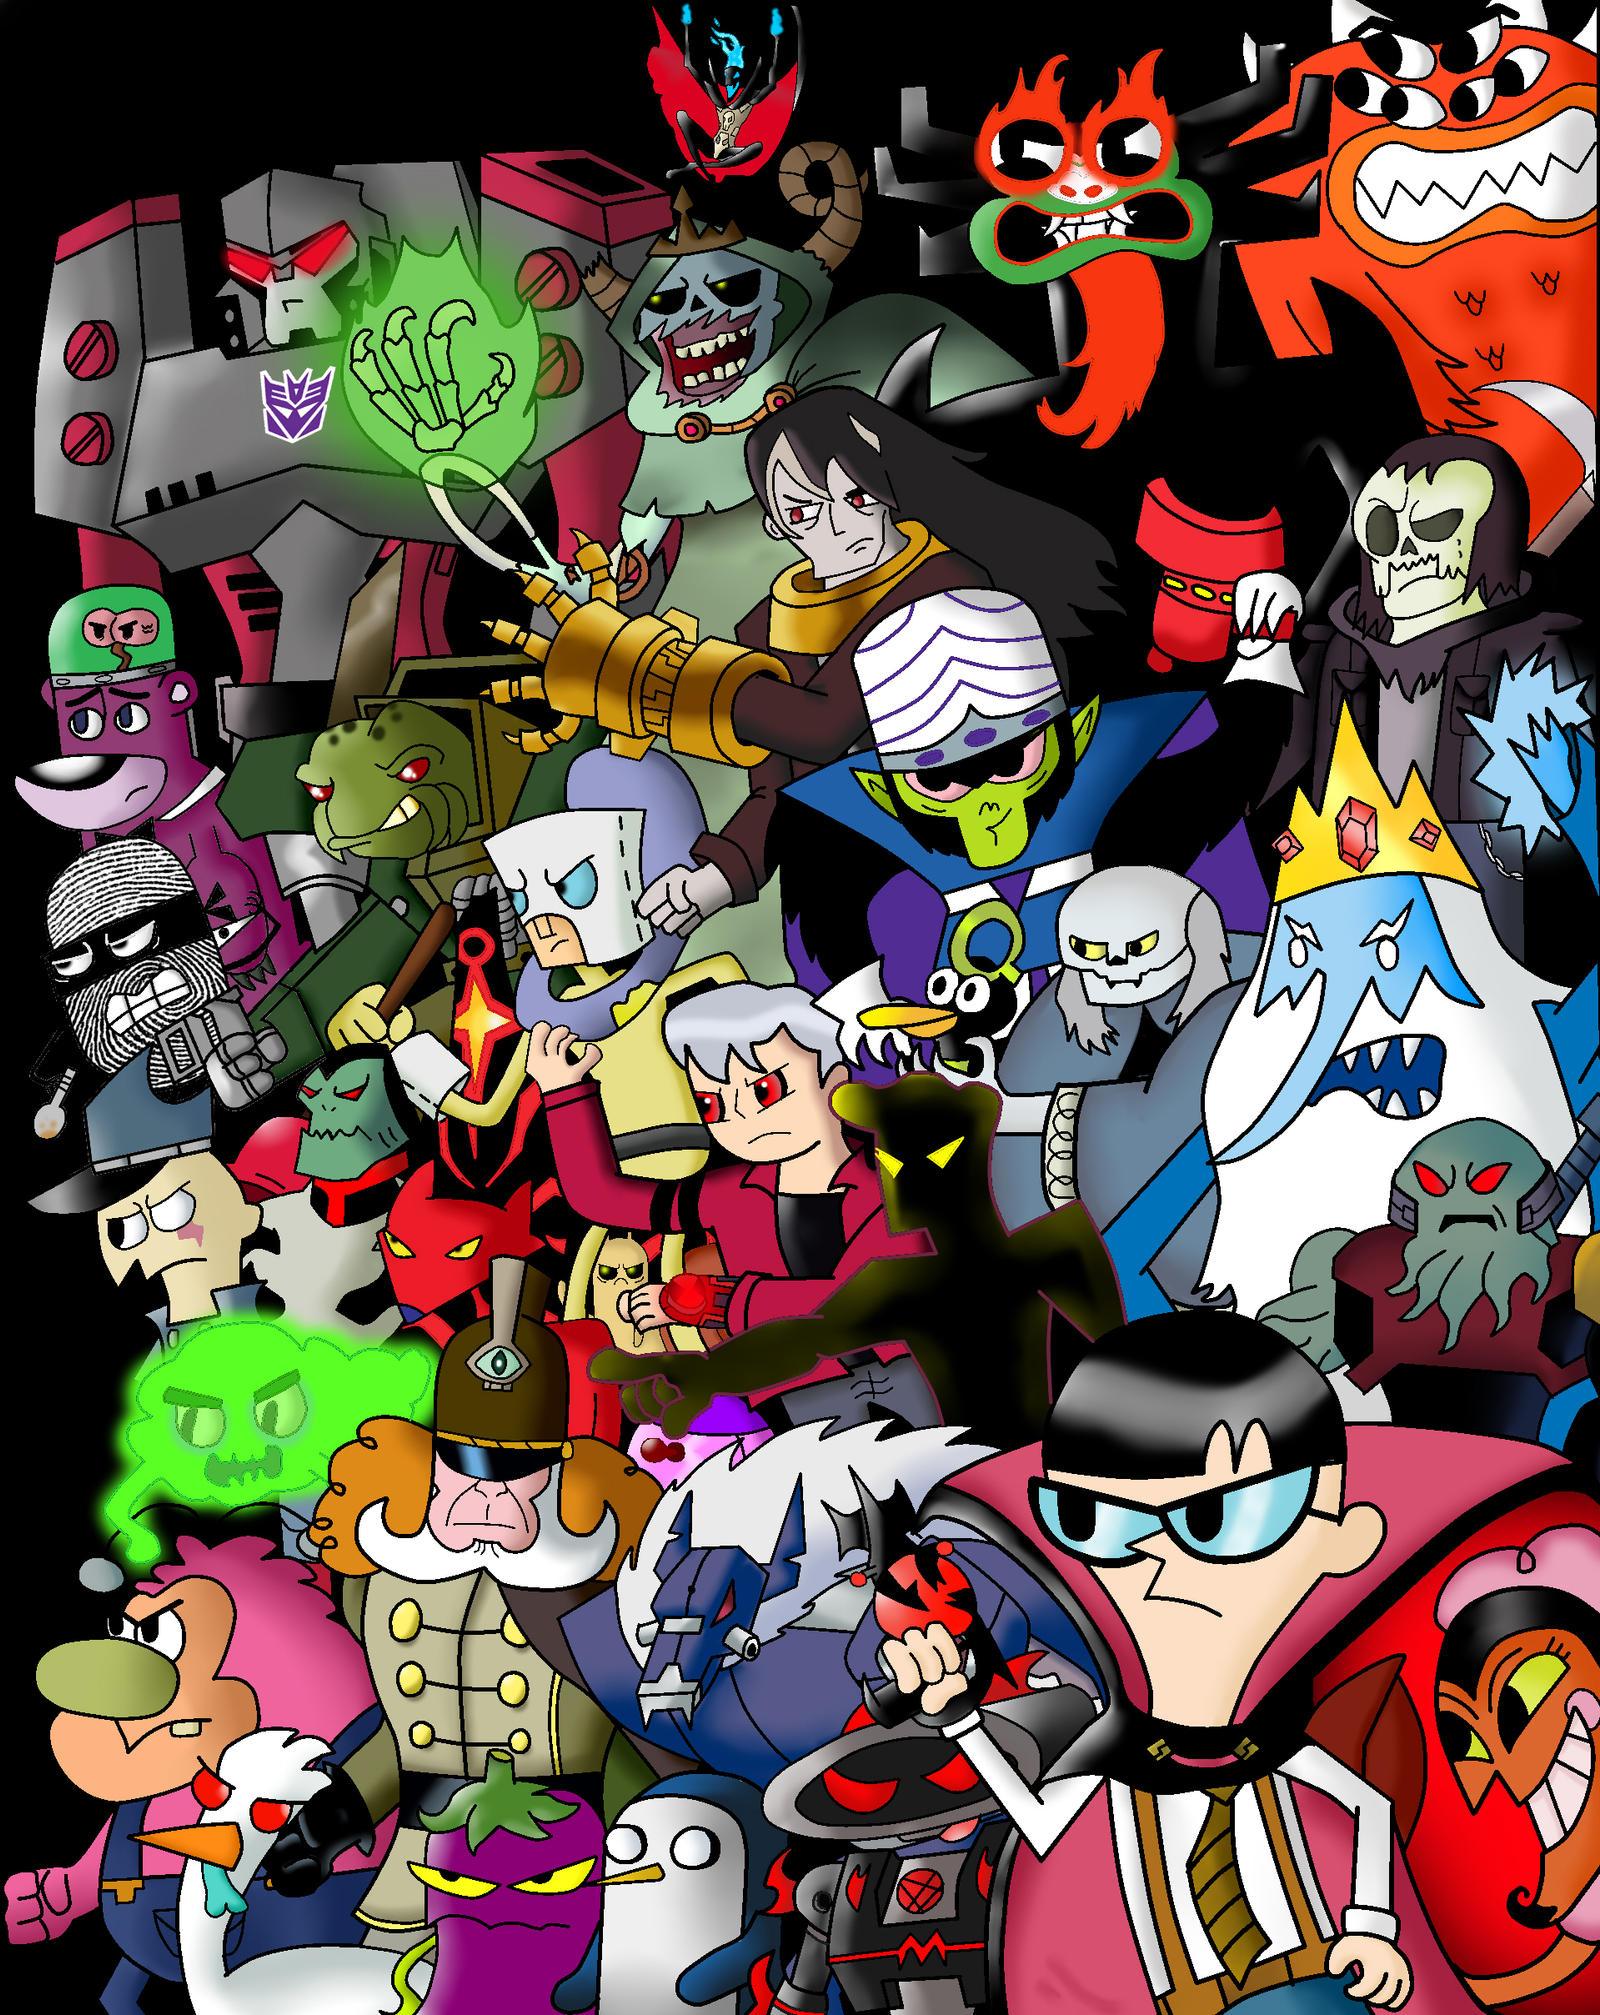 Cartoon network villains by cartoonnetworkadik on deviantart - Cat cartoon shows ...